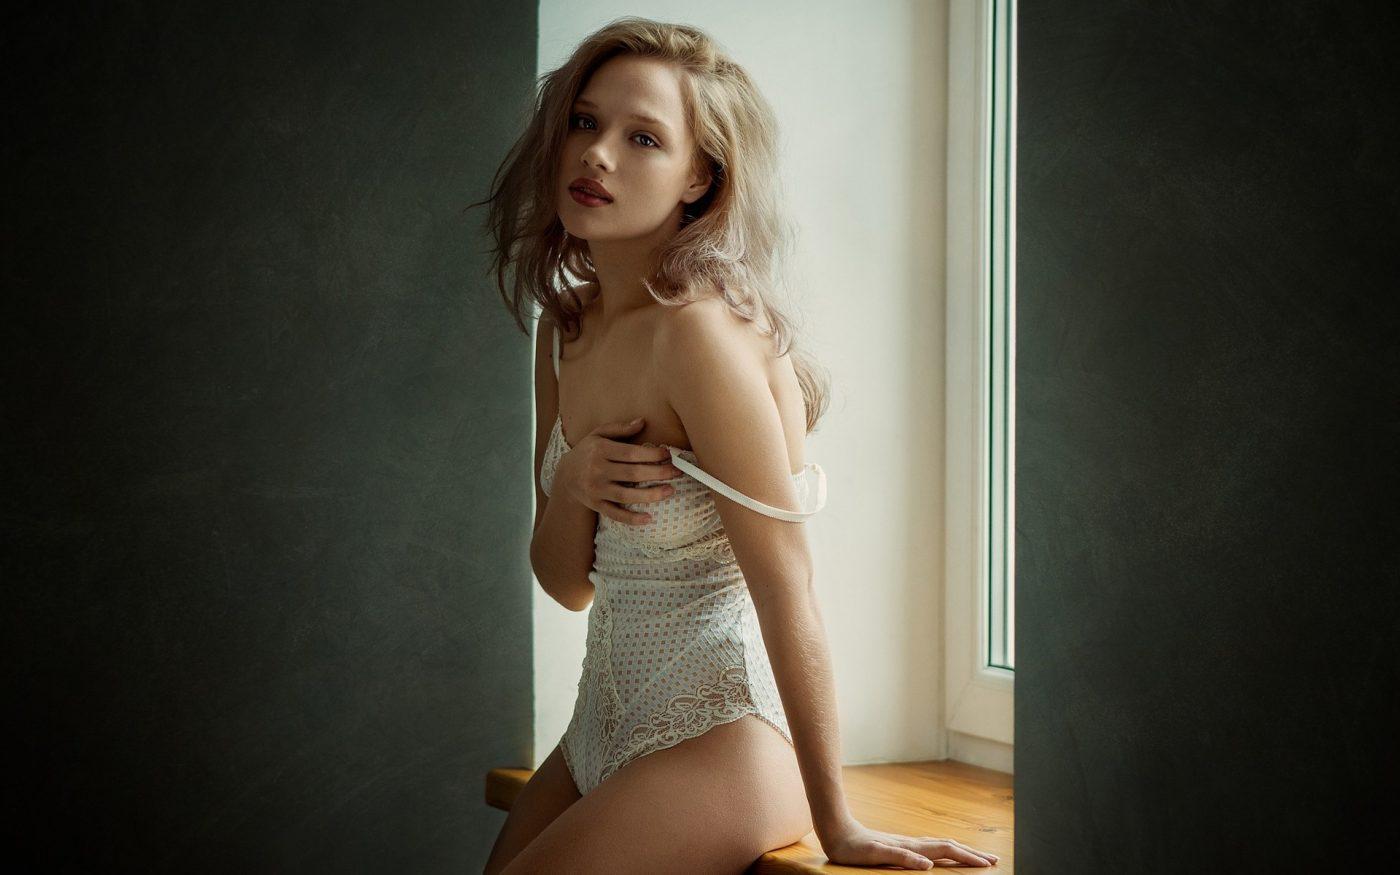 women-model-blonde-window-long-hair-sittin